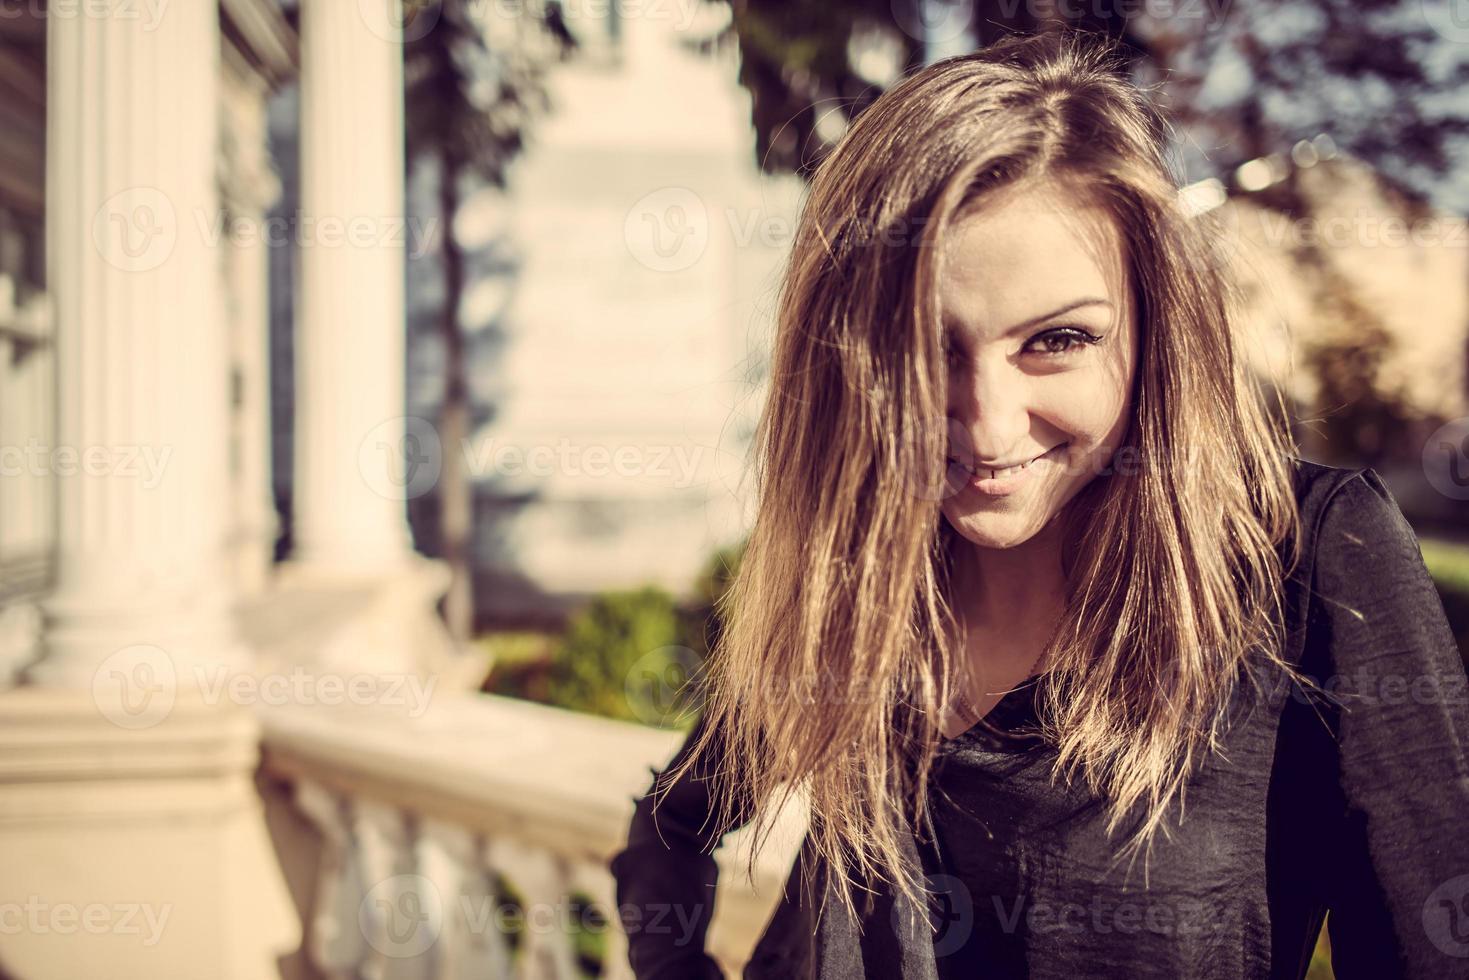 jonge mode mooie vrouw buiten herfst zonnige portret. foto